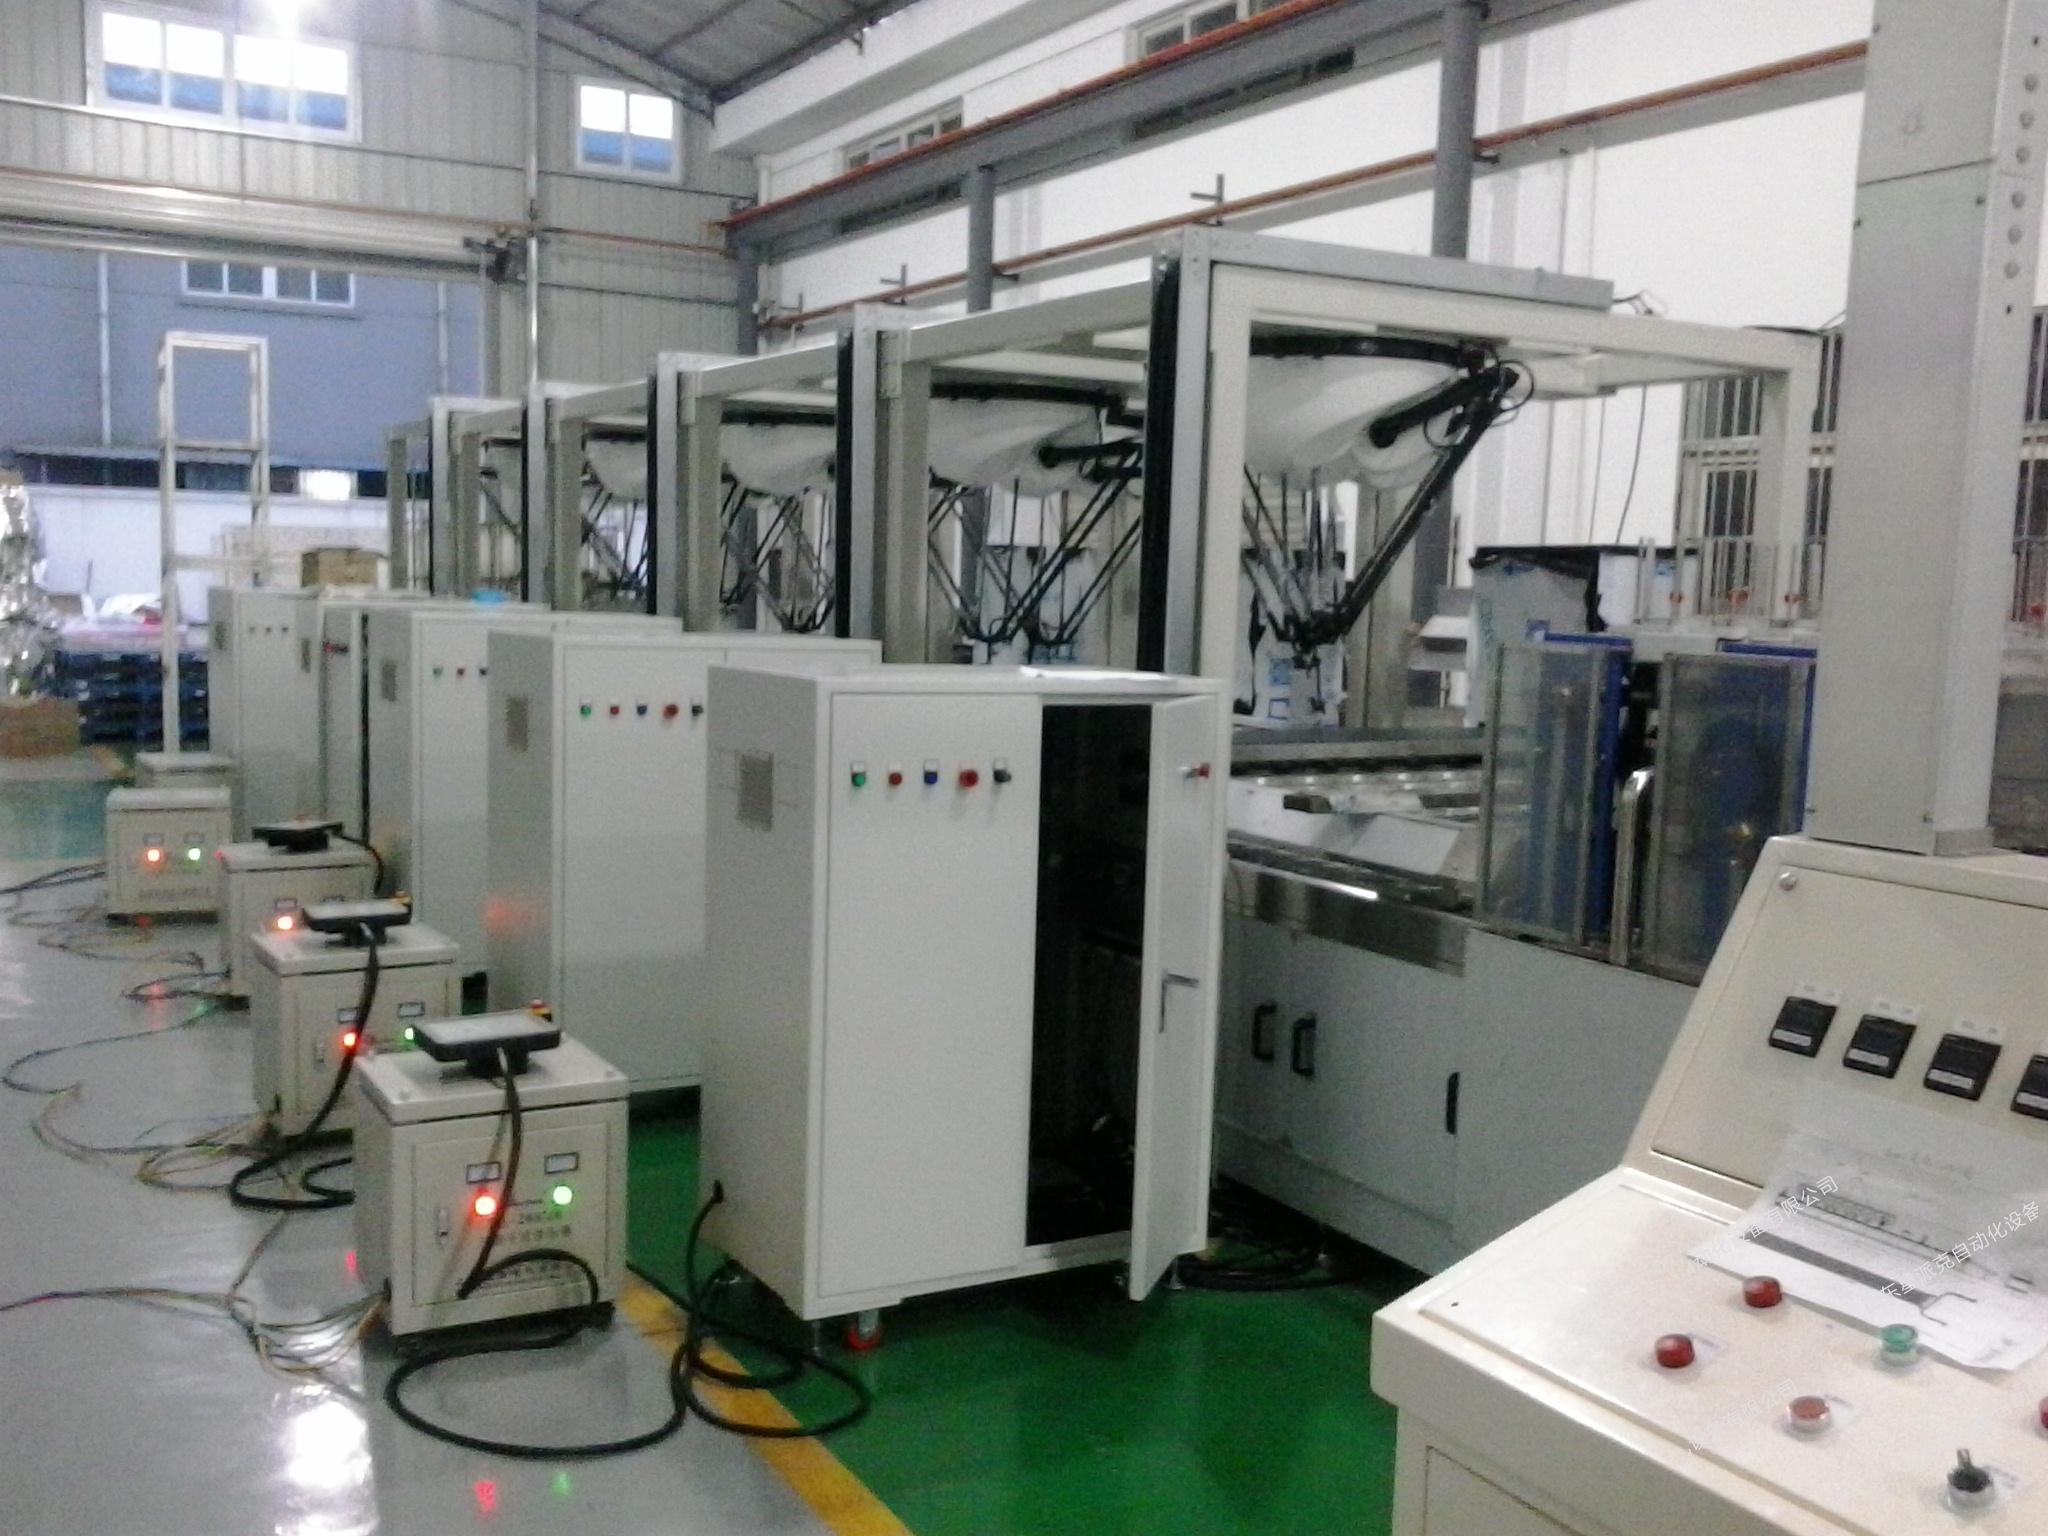 箱类产品并联机械手综合应用系统